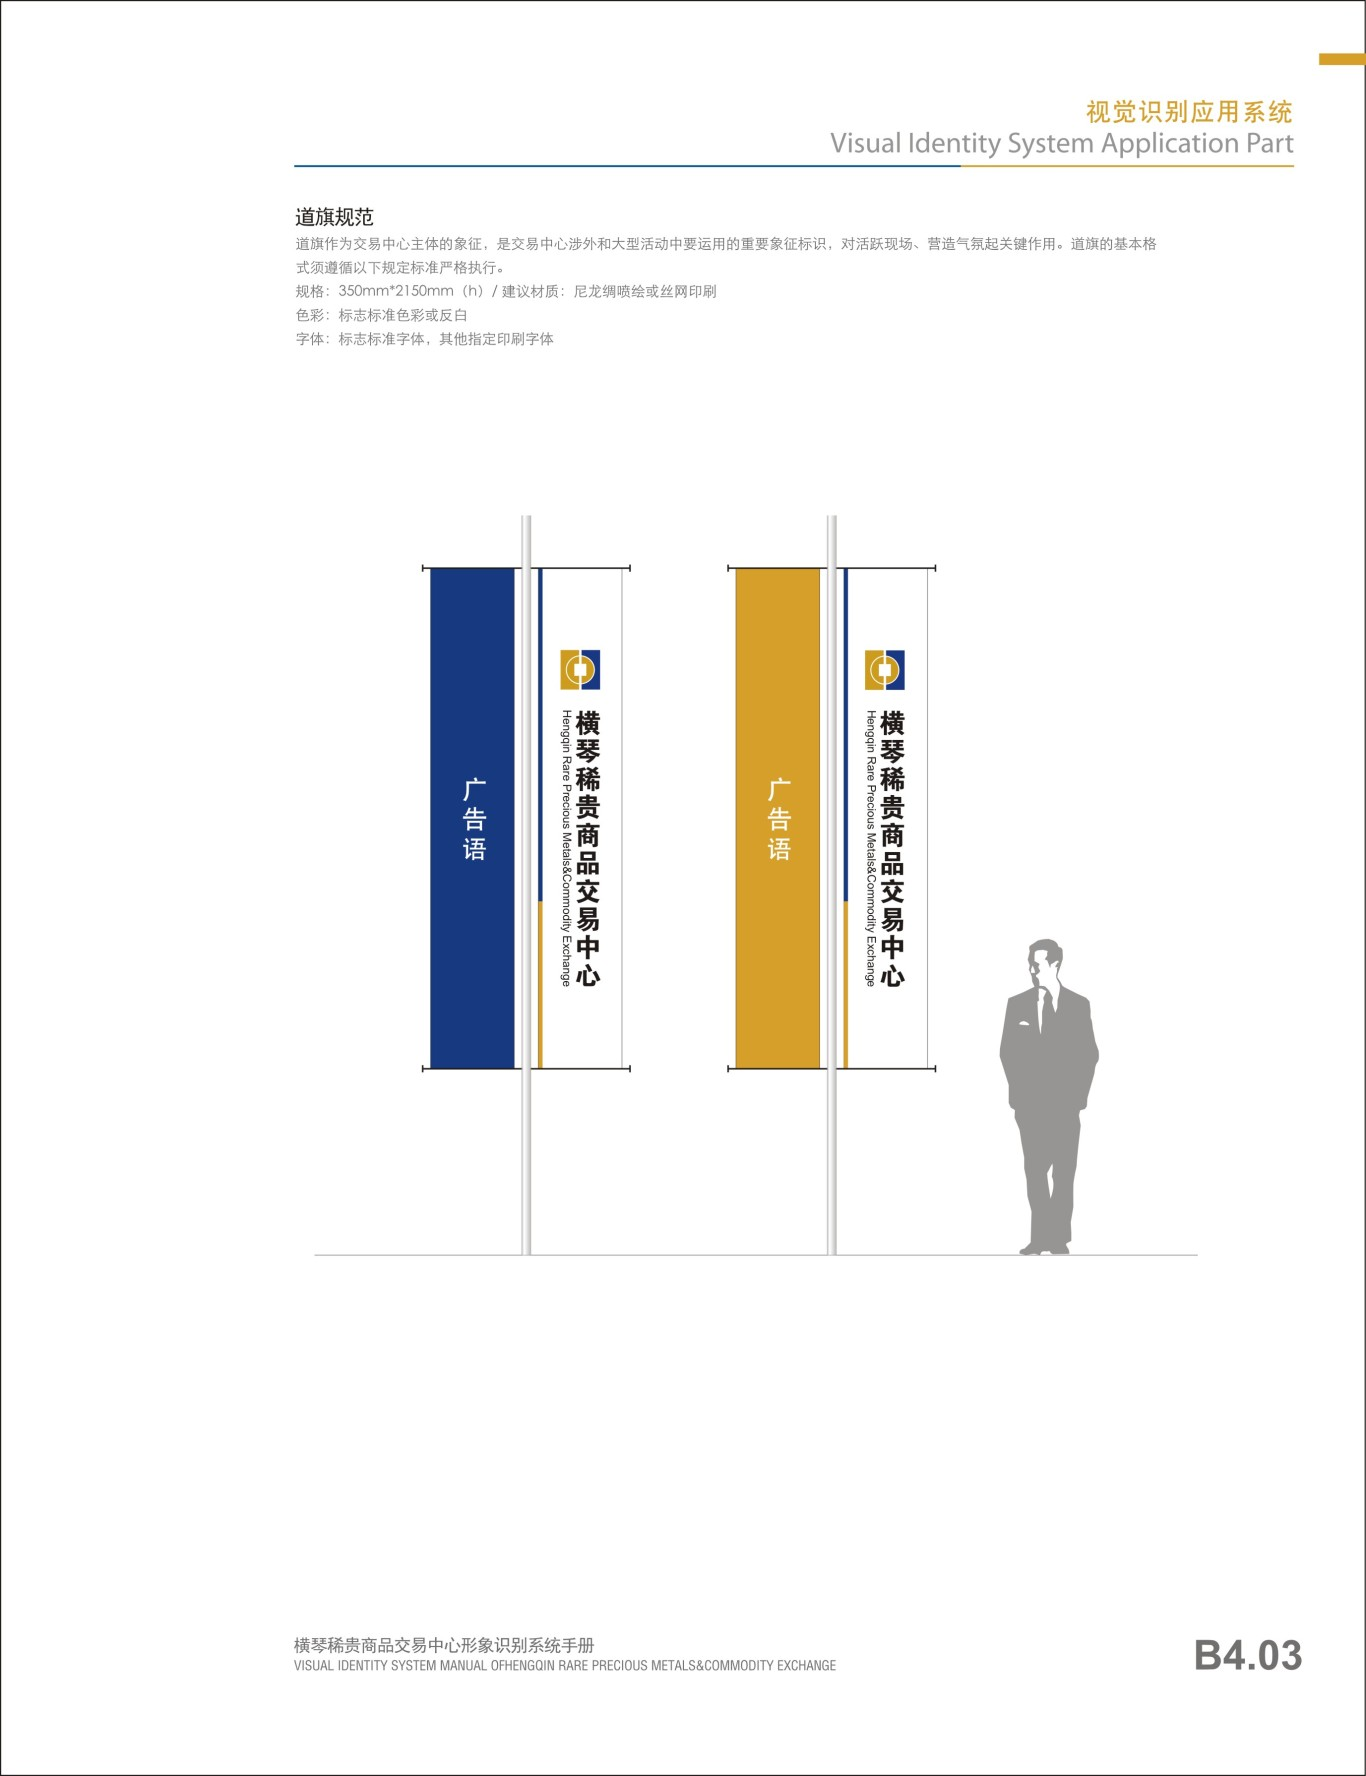 贵金属行业横琴稀贵VI手册设计图33